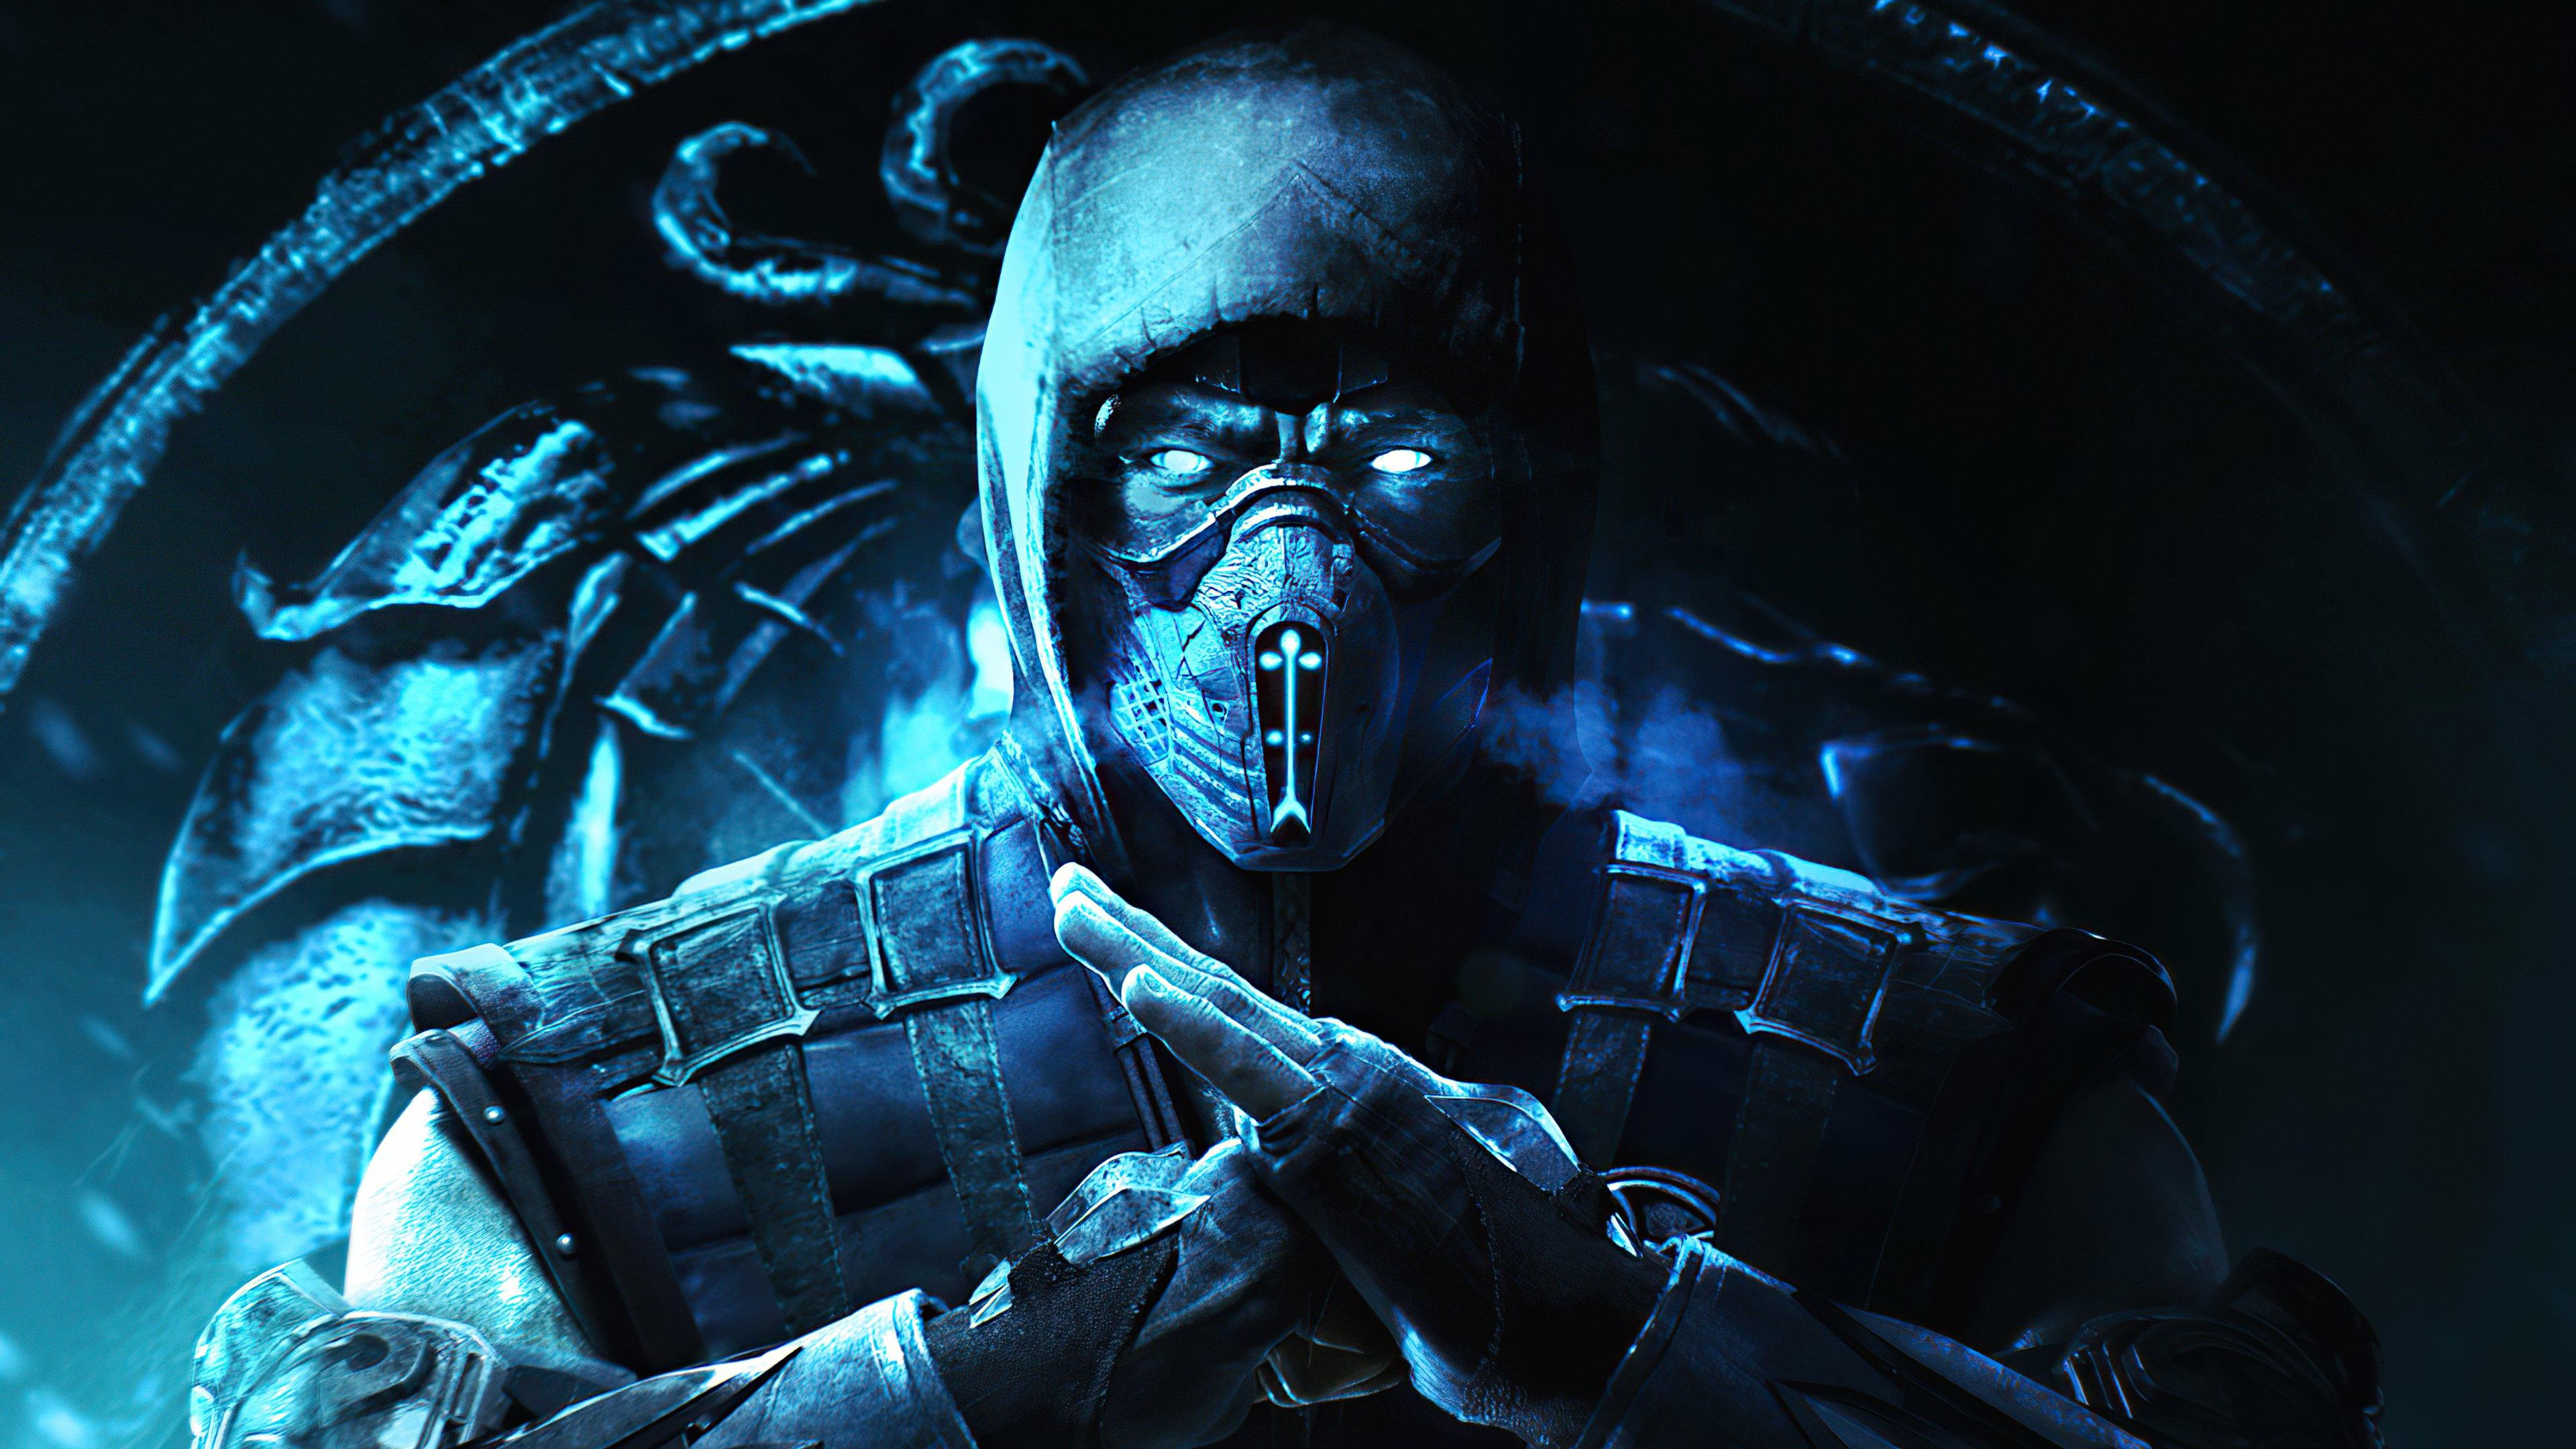 Fondos de pantalla Sub Zero Mortal Kombat 2020